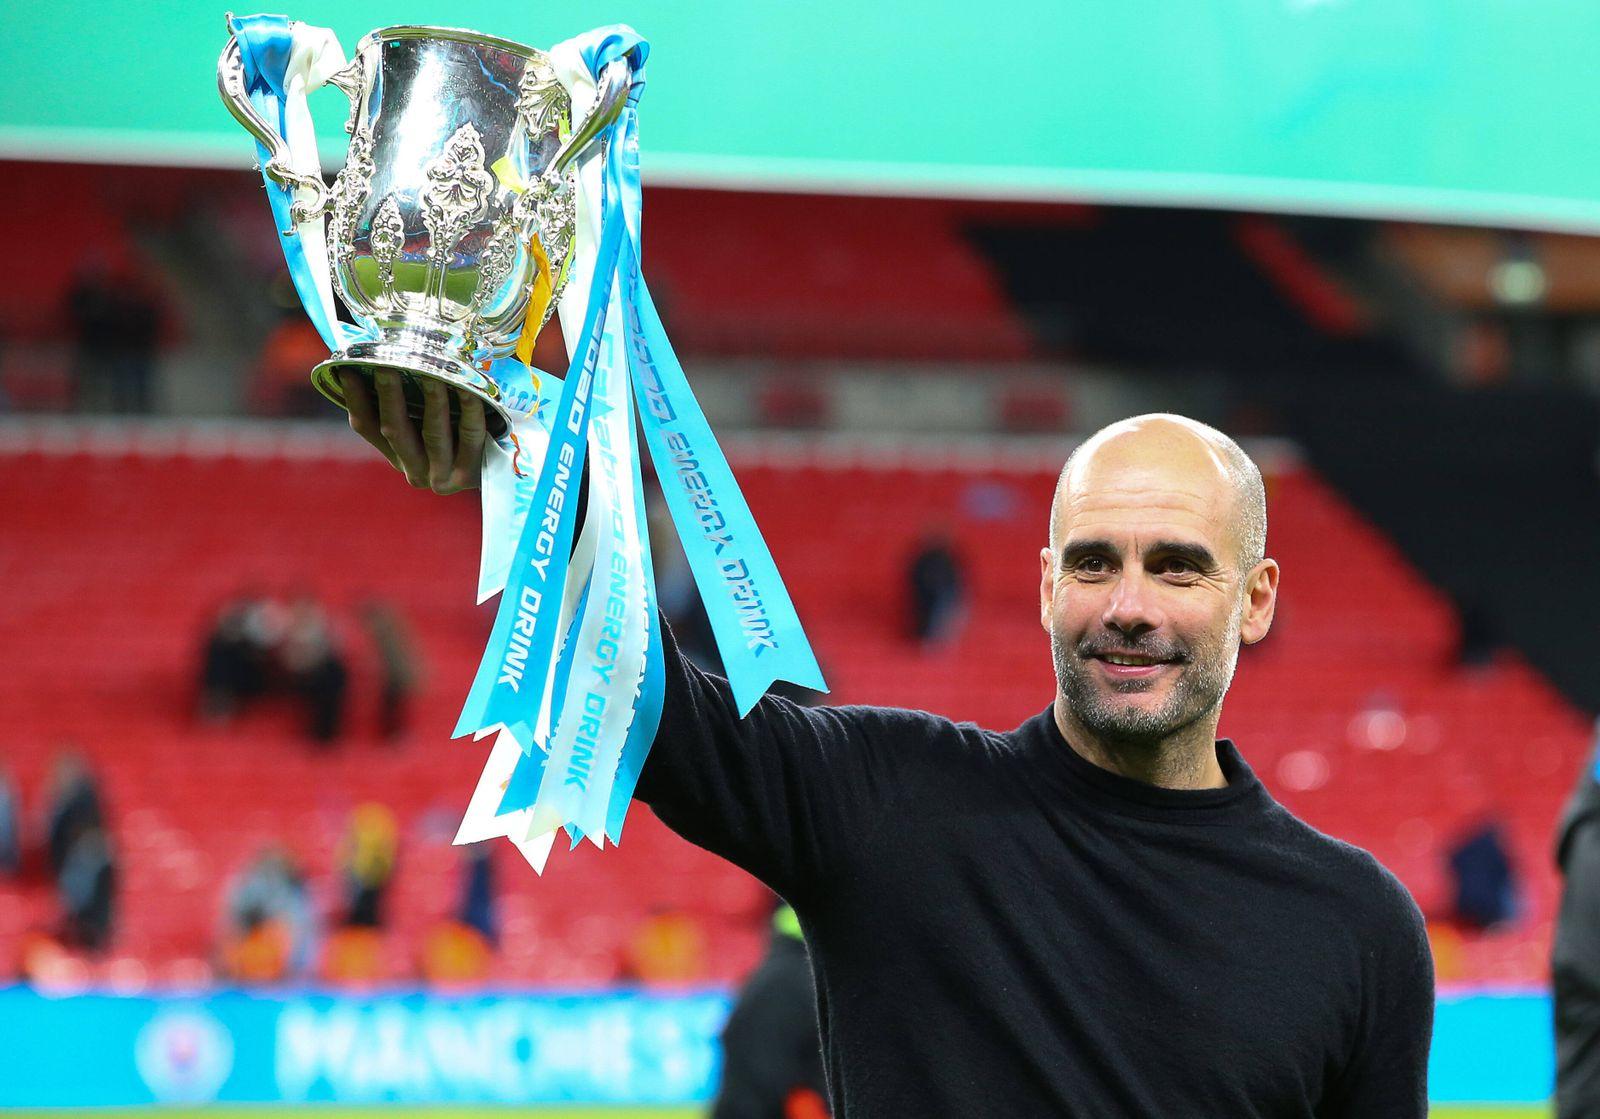 Bilder des Jahres 2020, Sport 03 März Sport Themen der Woche KW09 Sport Bilder des Tages Manchester CityÕs head coach P